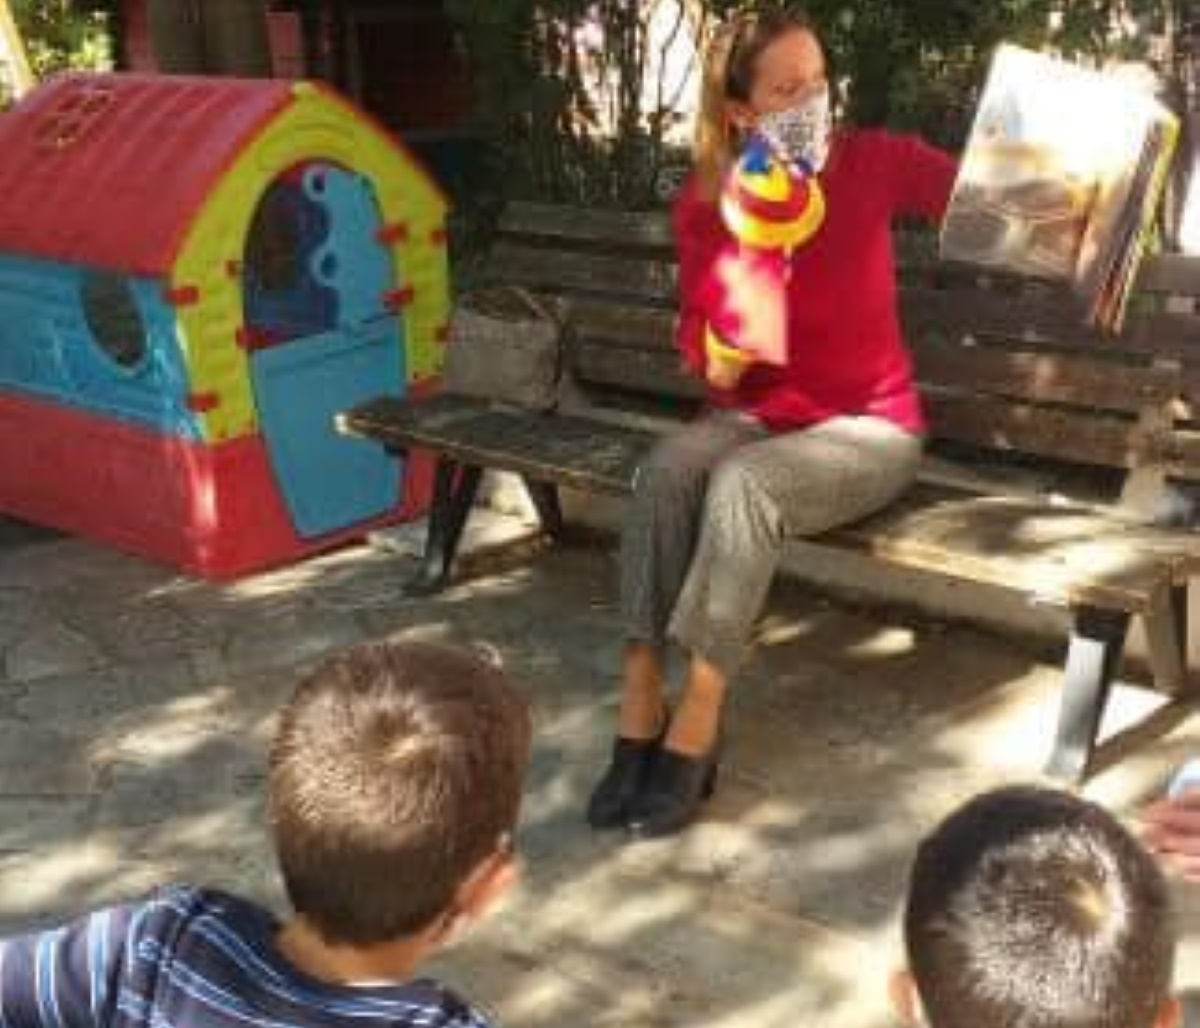 Παιδικά Χωριά SoS: Πριν το lockdown πήραν δώρα βιβλία από γνωστή συγγραφέα (pics)